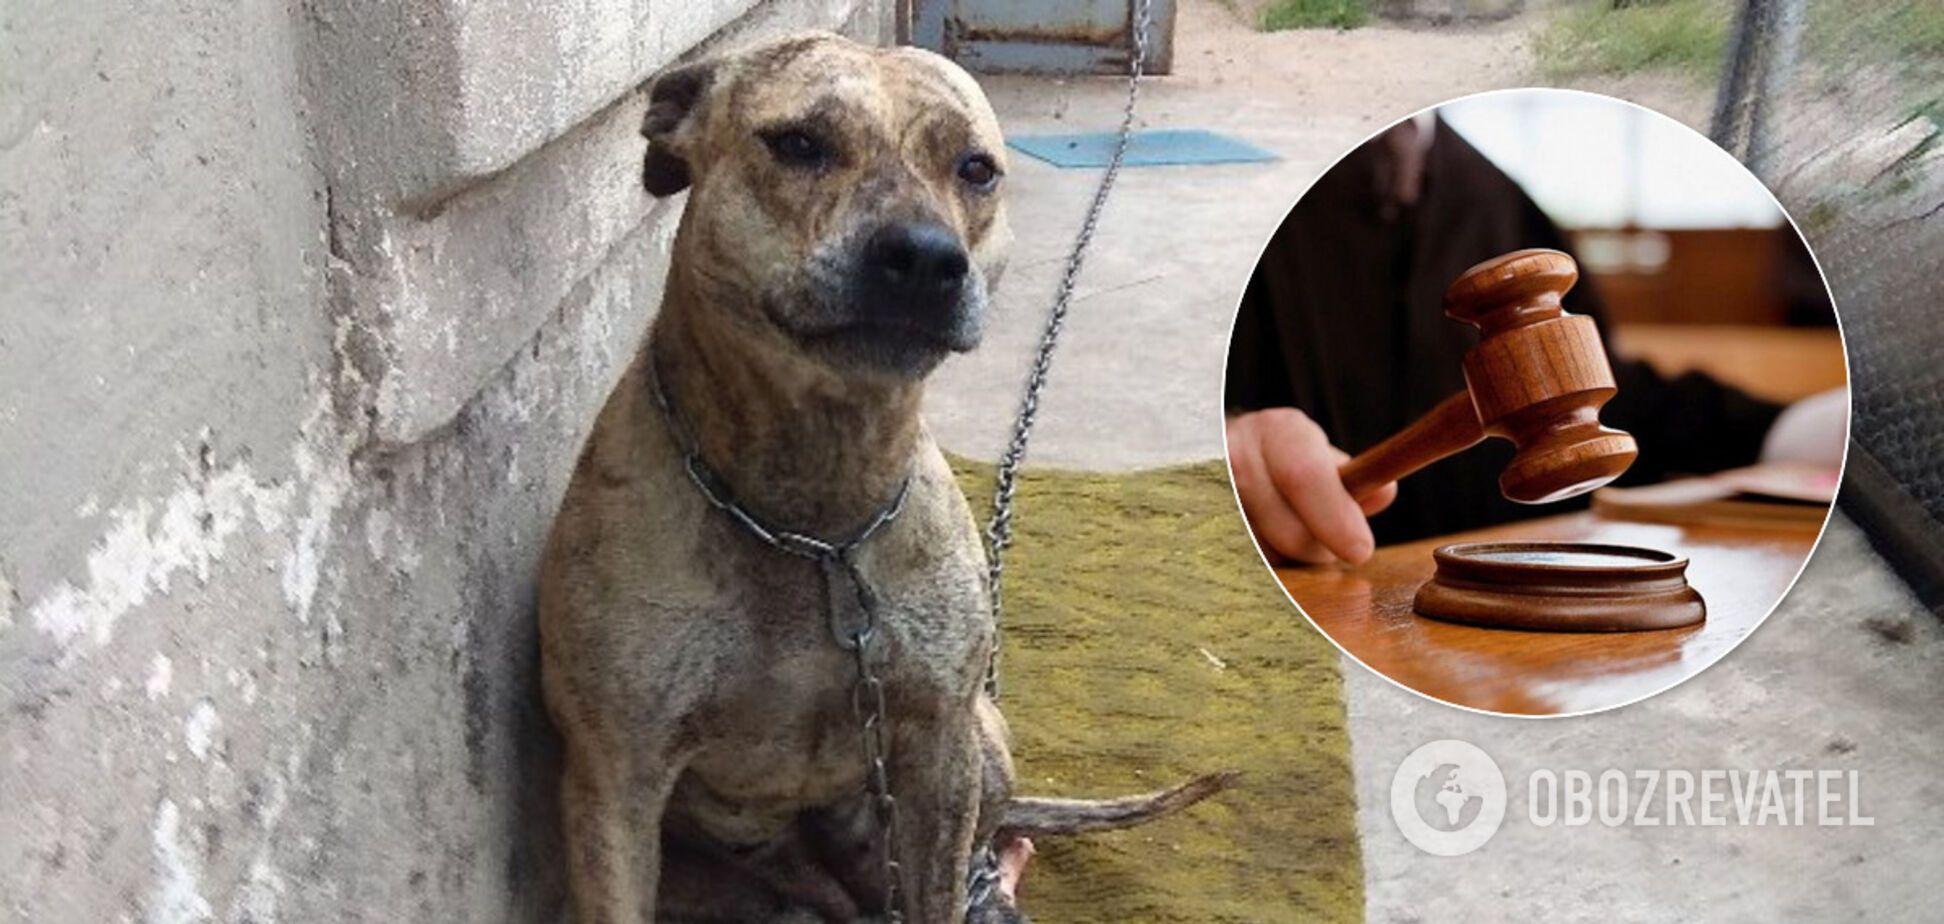 В Україні на аукціон виставили собак: міністр розповів передісторію вірусного фото